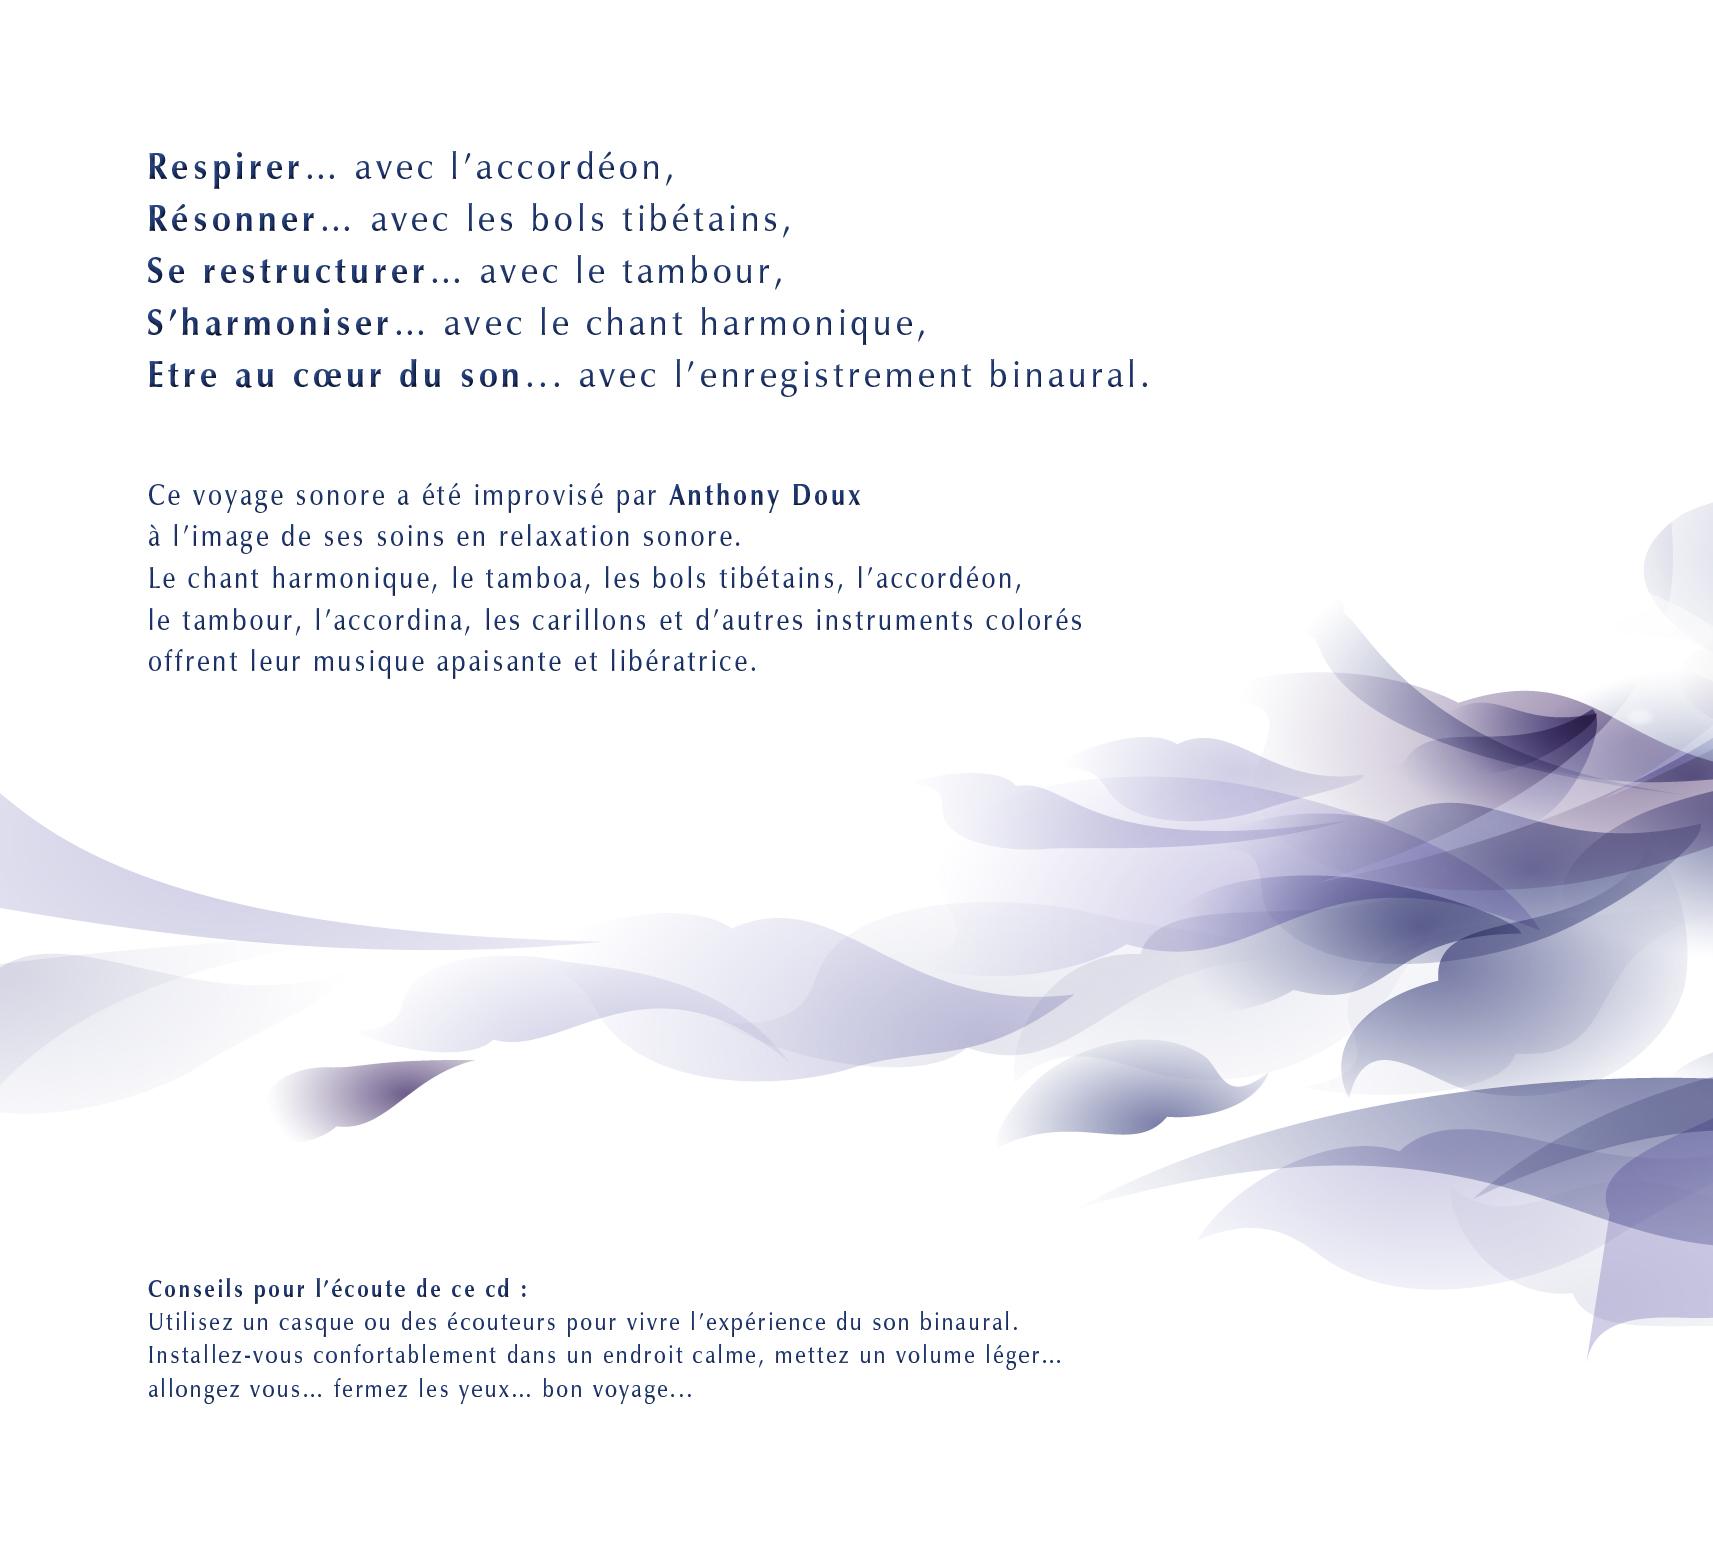 Concerto vibratoire